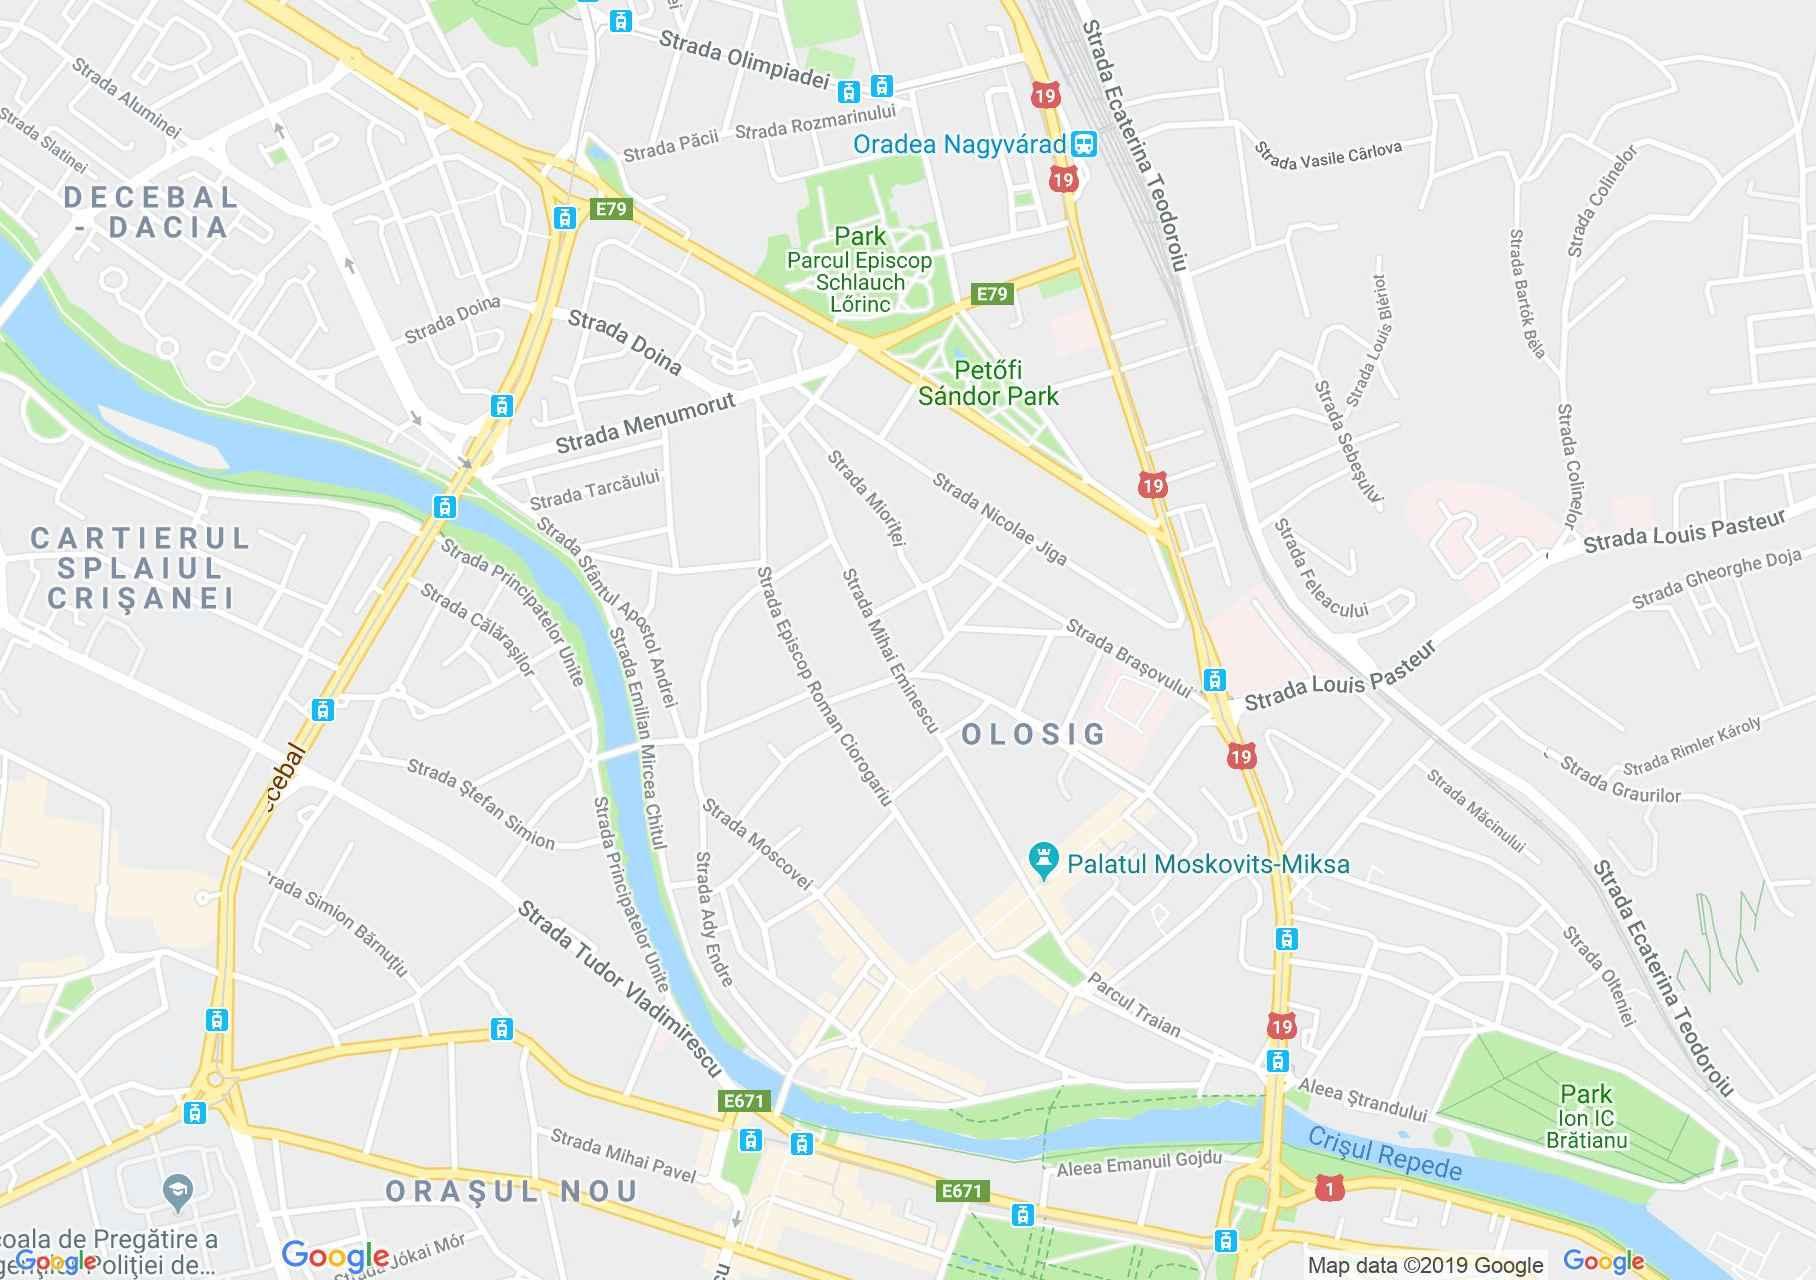 Nagyvárad: Orsolya zárda épülete (térkép)